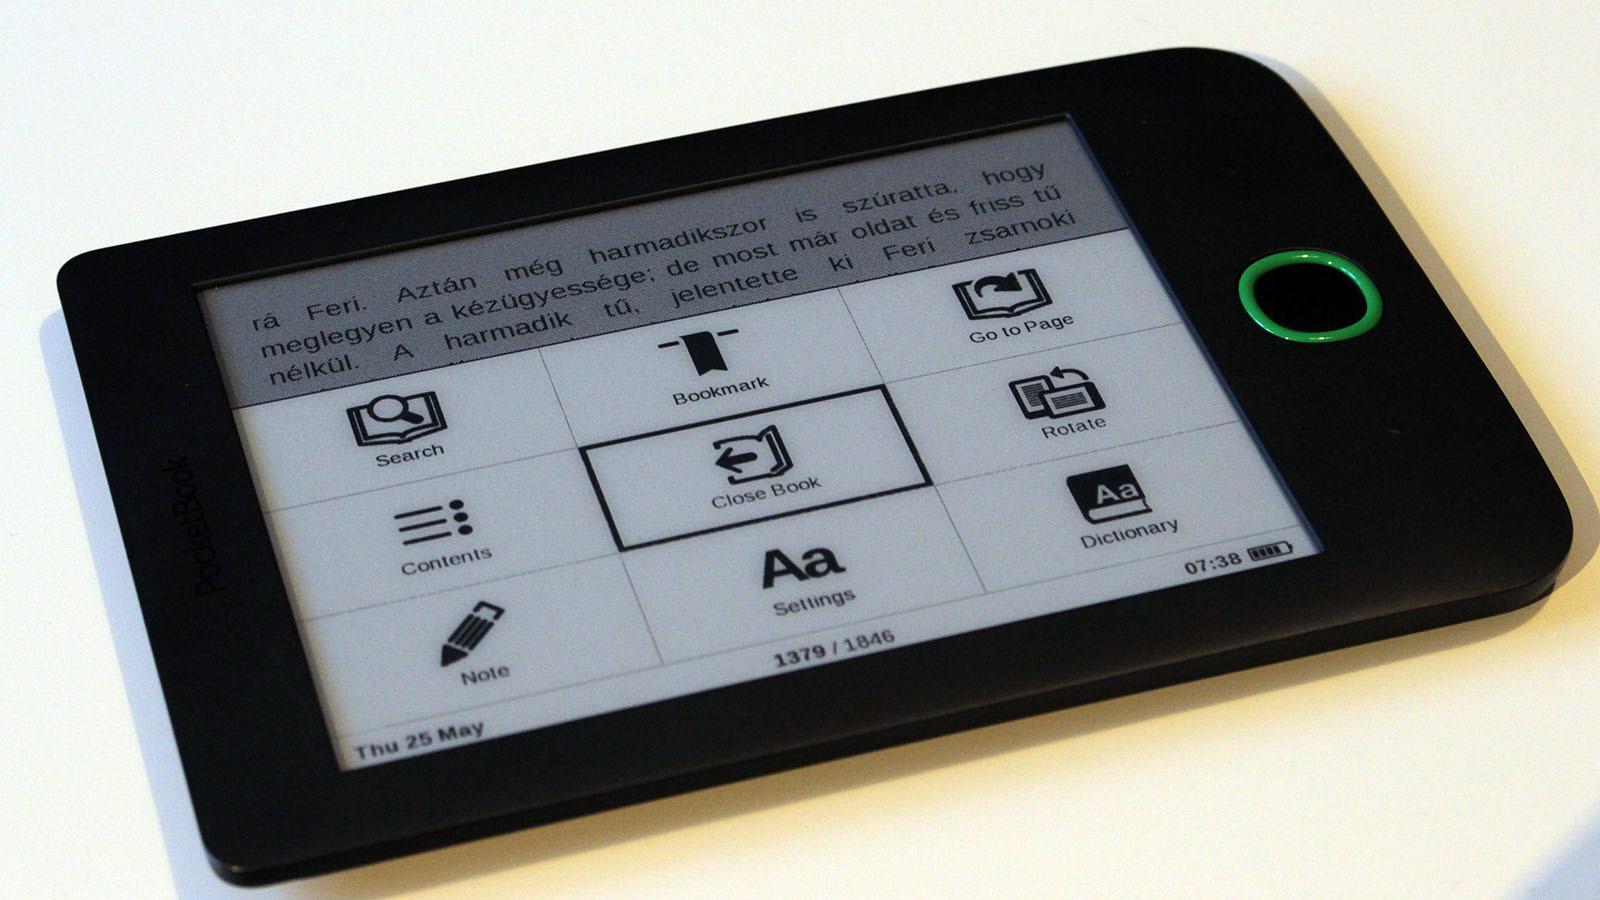 PocketBook Basic2 Most, hogy már majdnem két hónapot eltöltöttünk a PocketBook sokak által emlegetett, megfizethető eBook olvasójával, összefoglalunk!